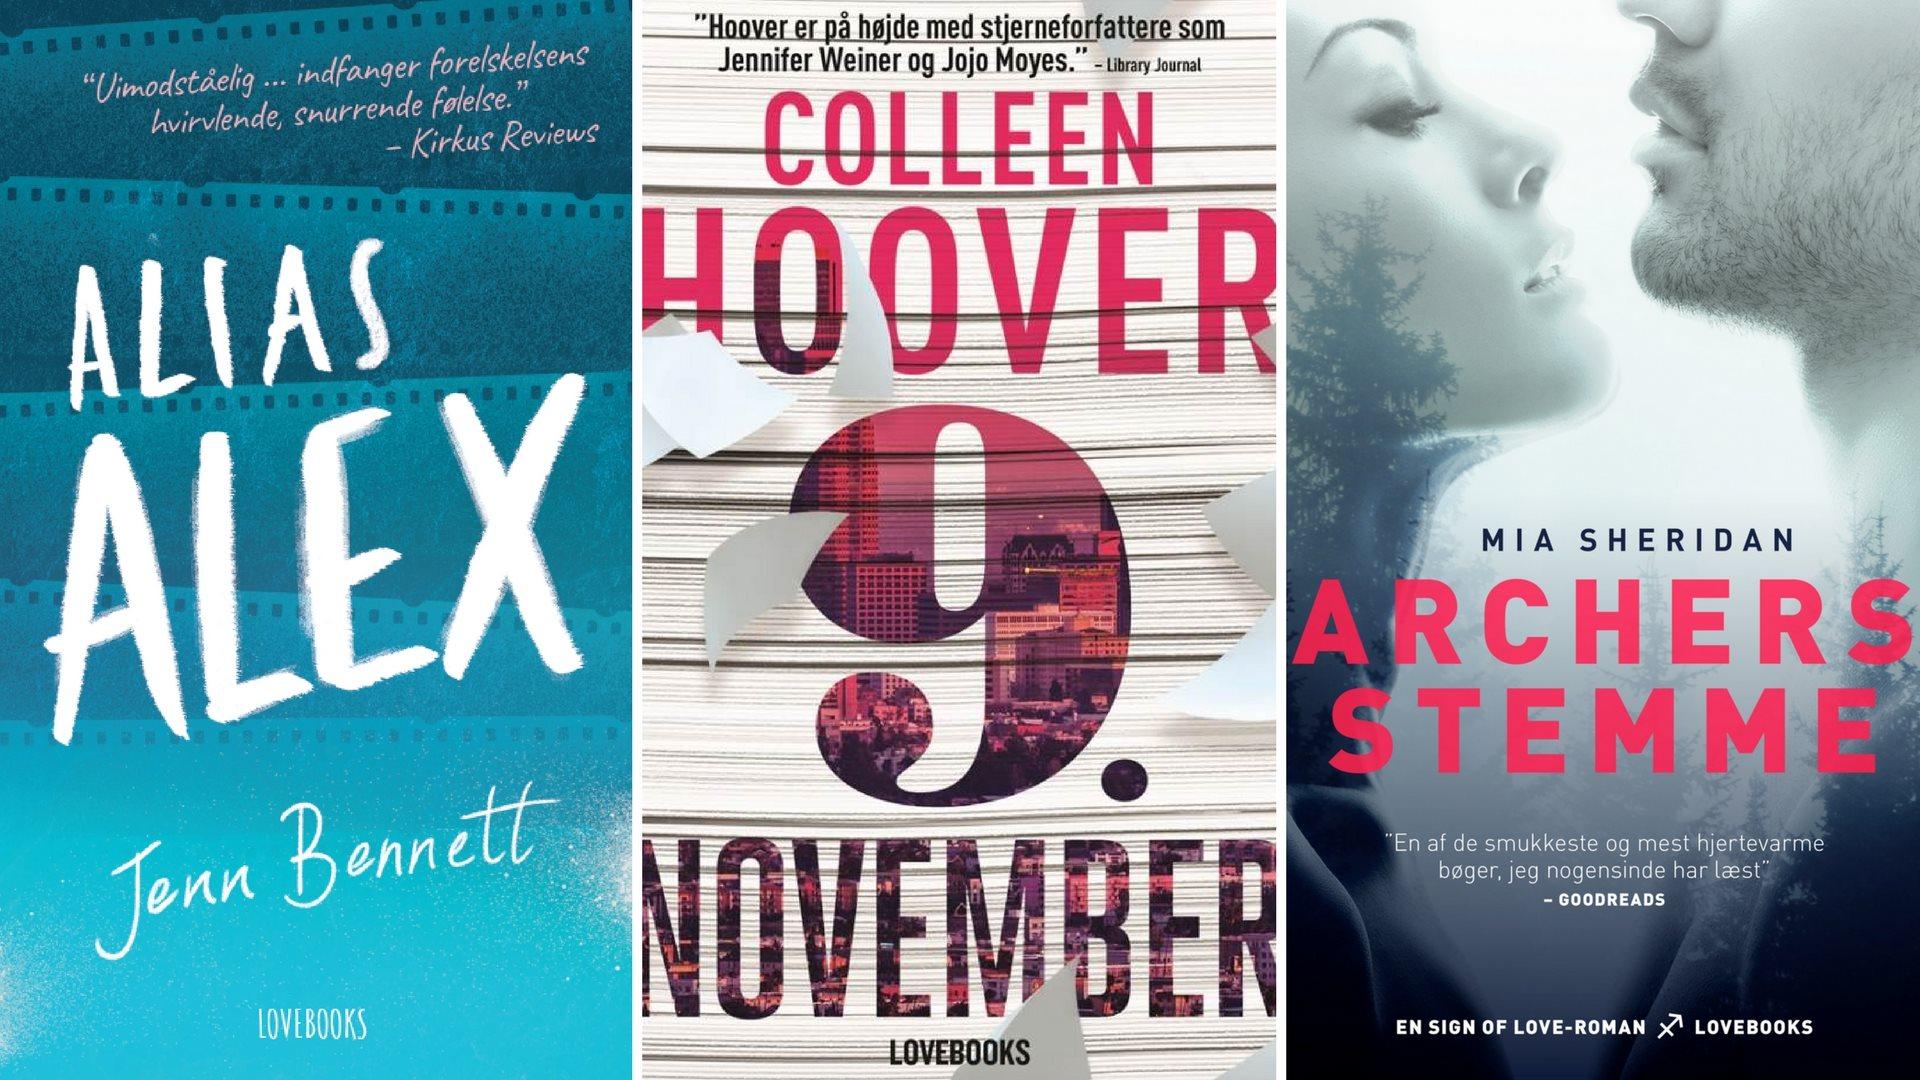 LOVEBOOKS kærlighedsromaner 2017 Colleen Hoover 9. november